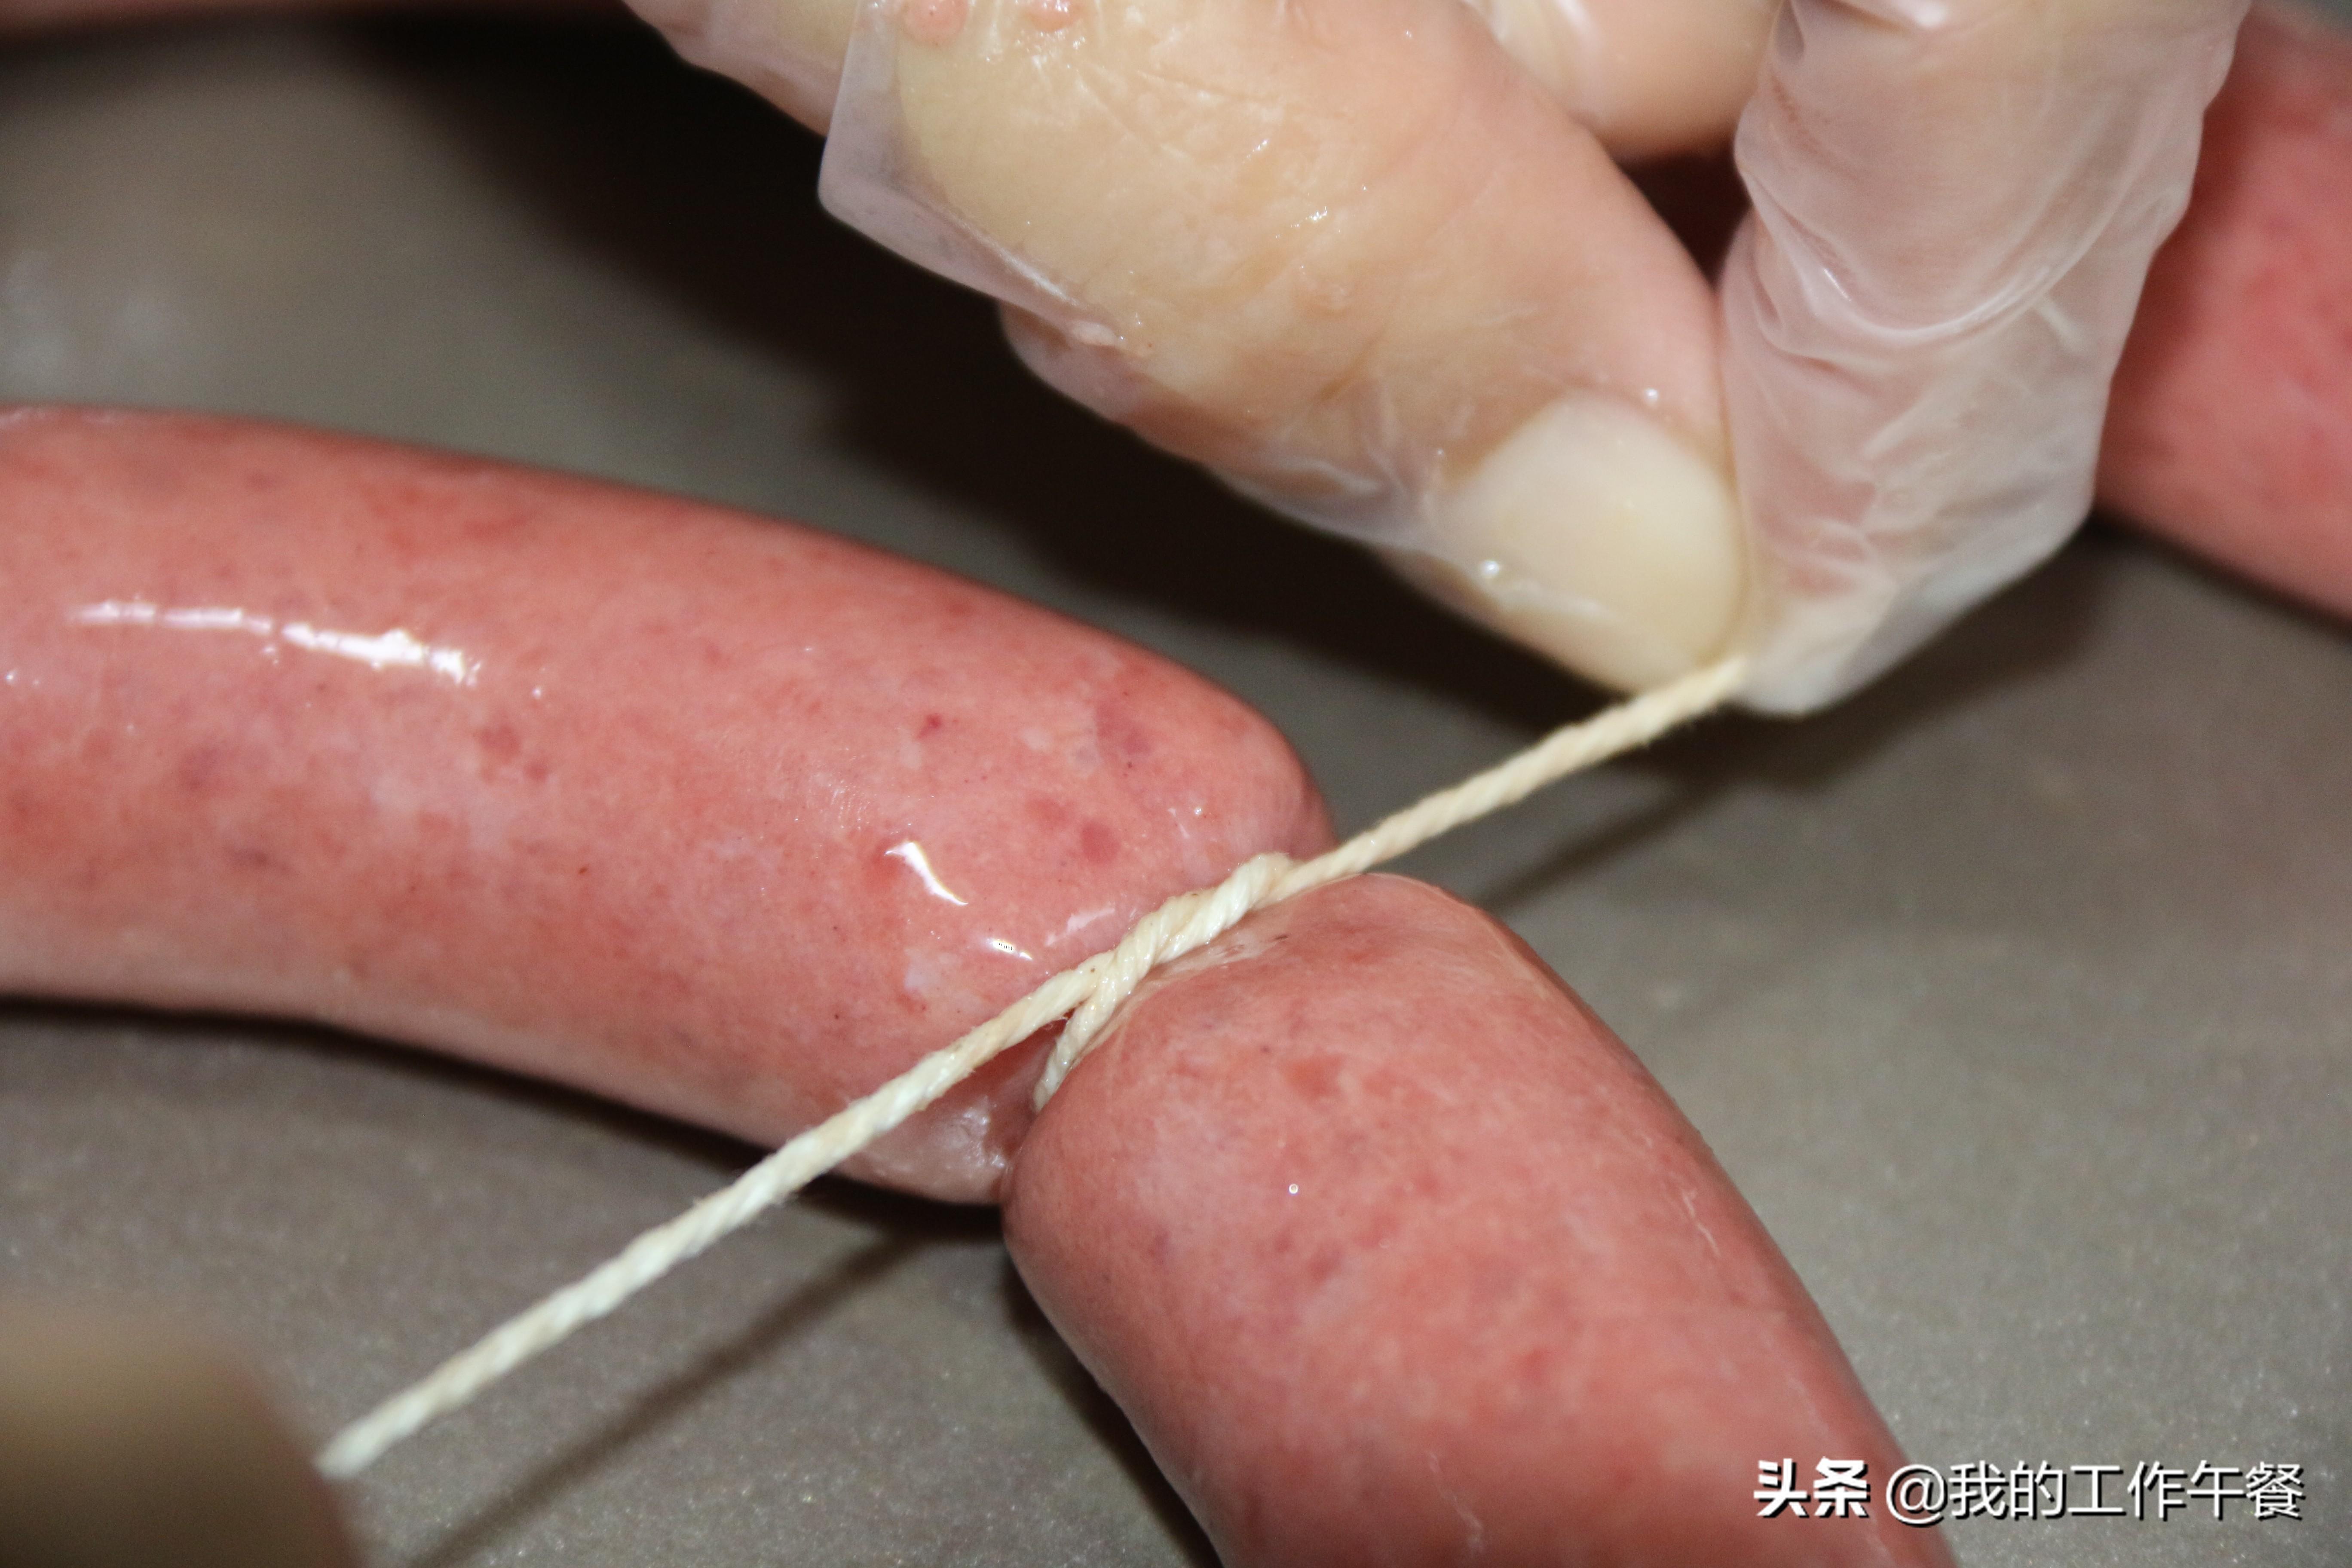 孩子大愛的脆皮腸,方法簡單易學,皮脆Q彈,比臘肉臘腸香